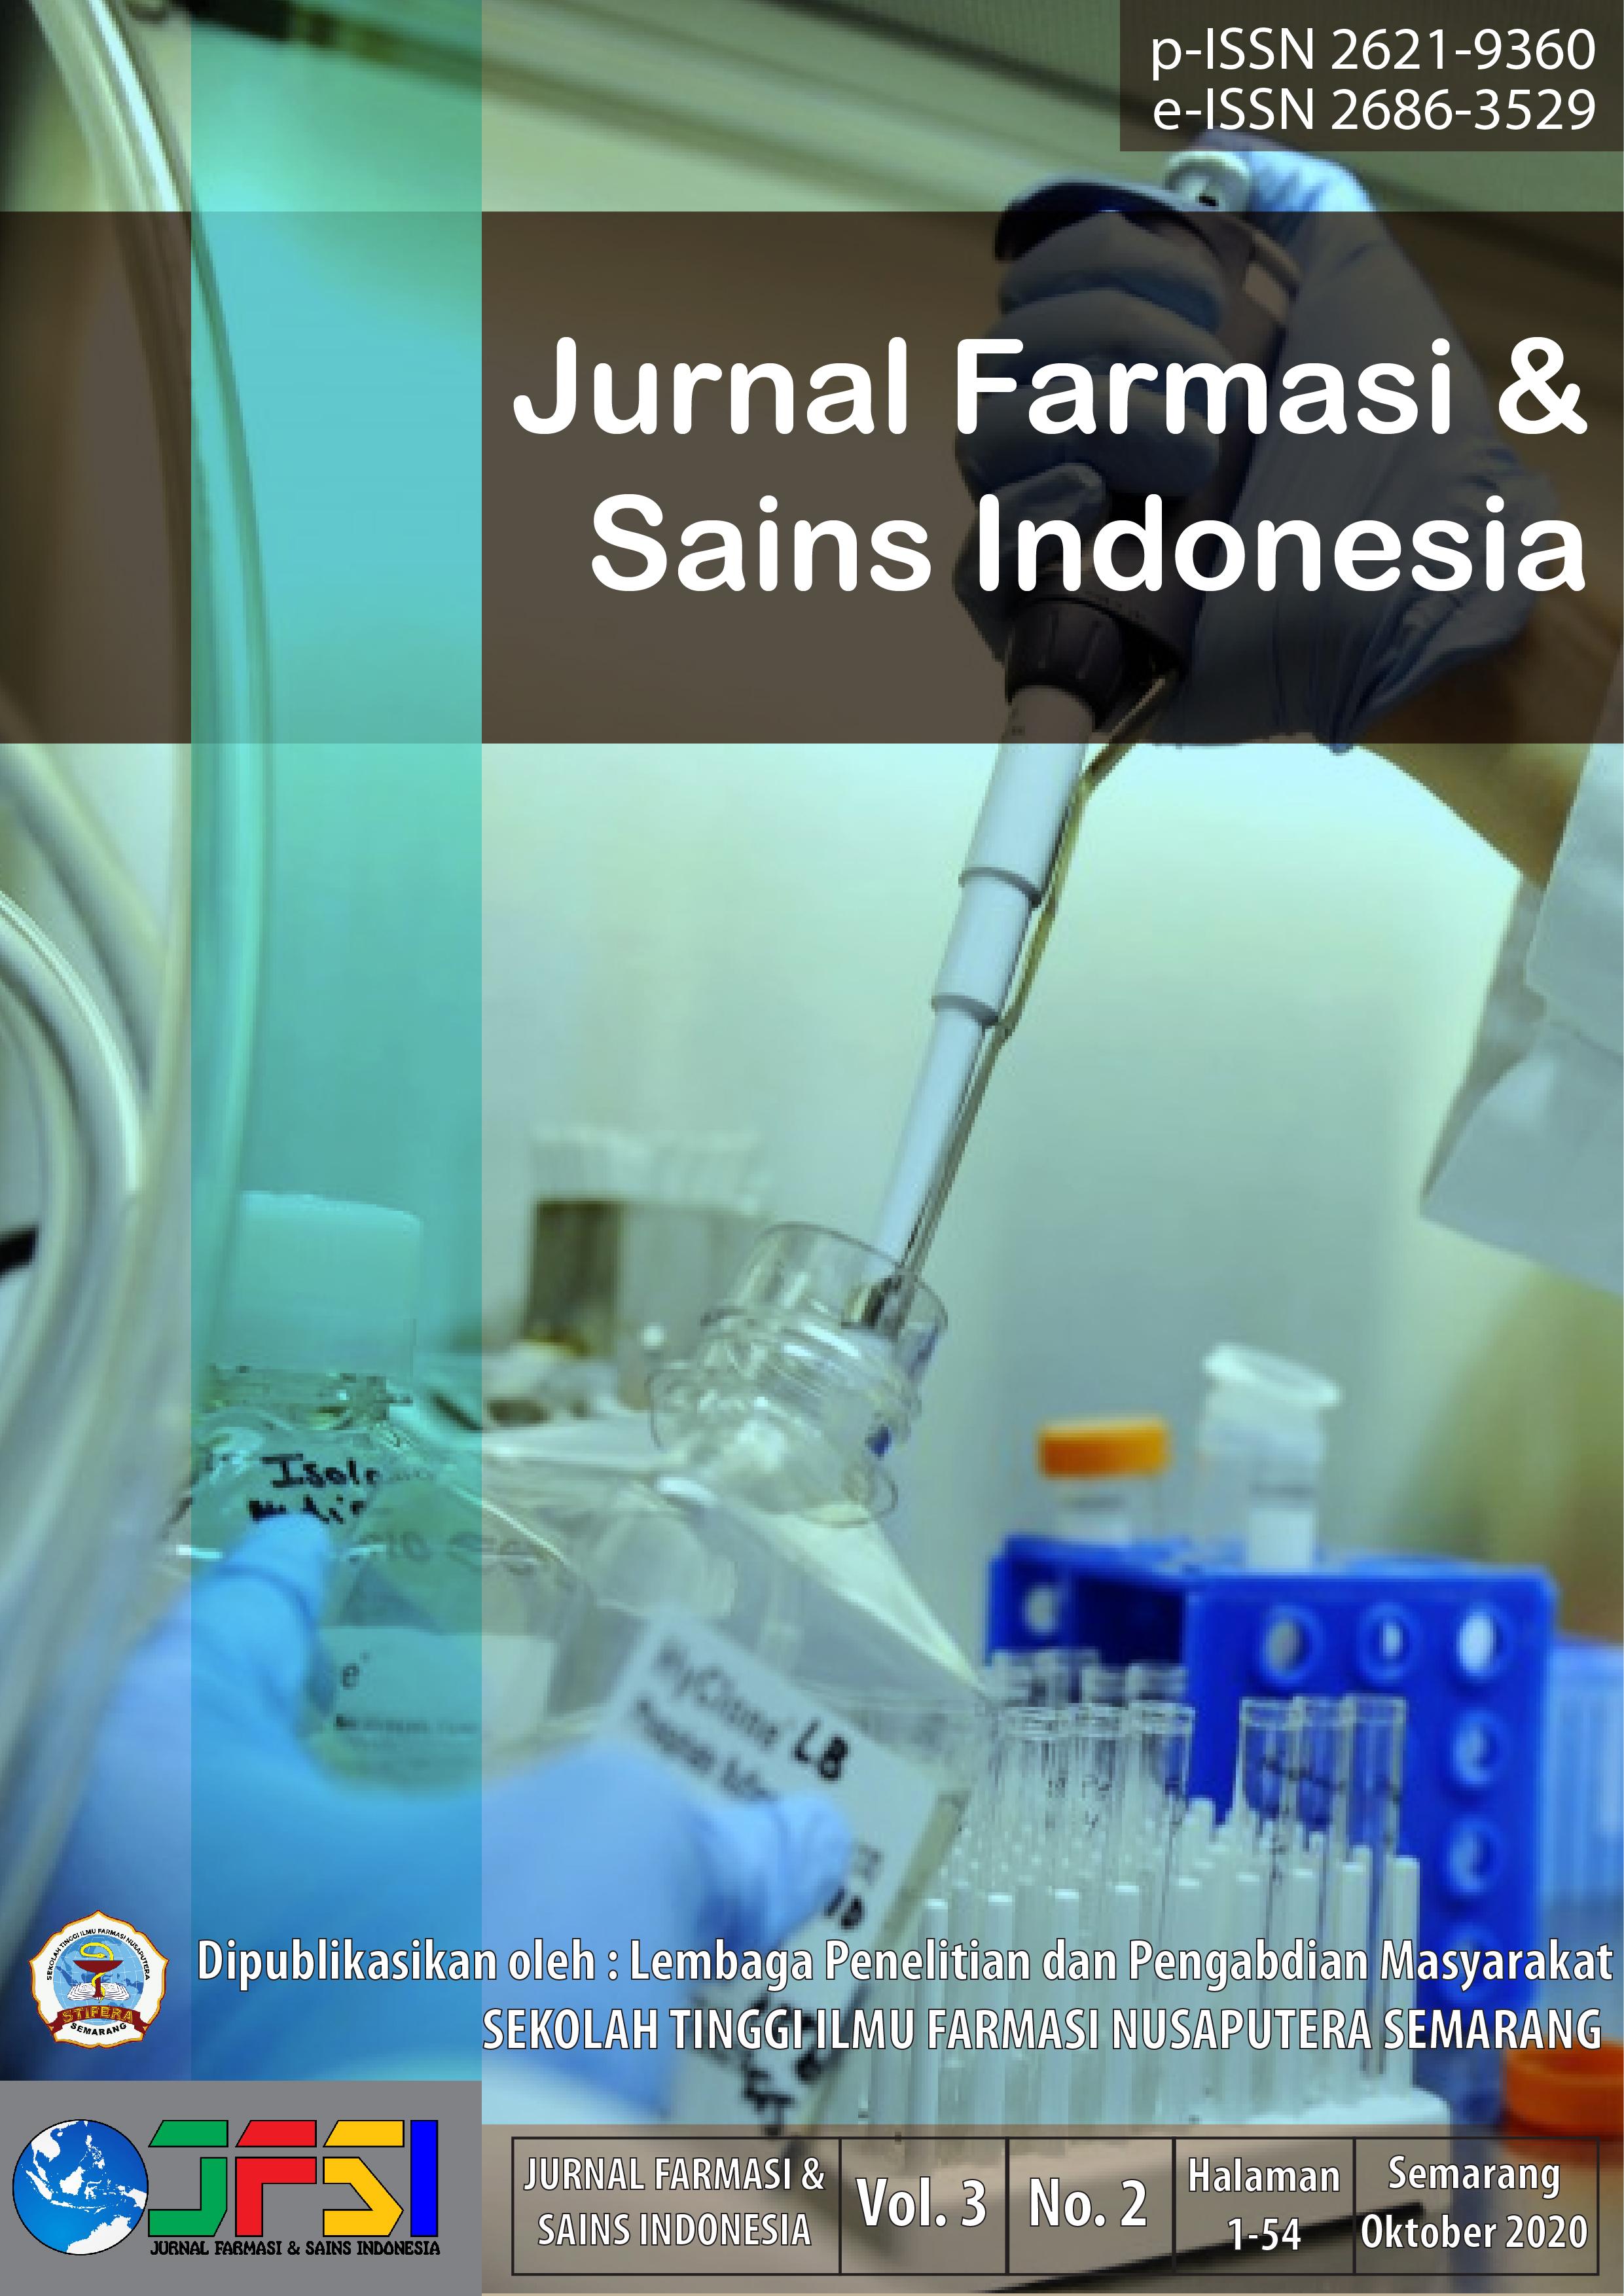 JFSI Vol. 3 No. 2